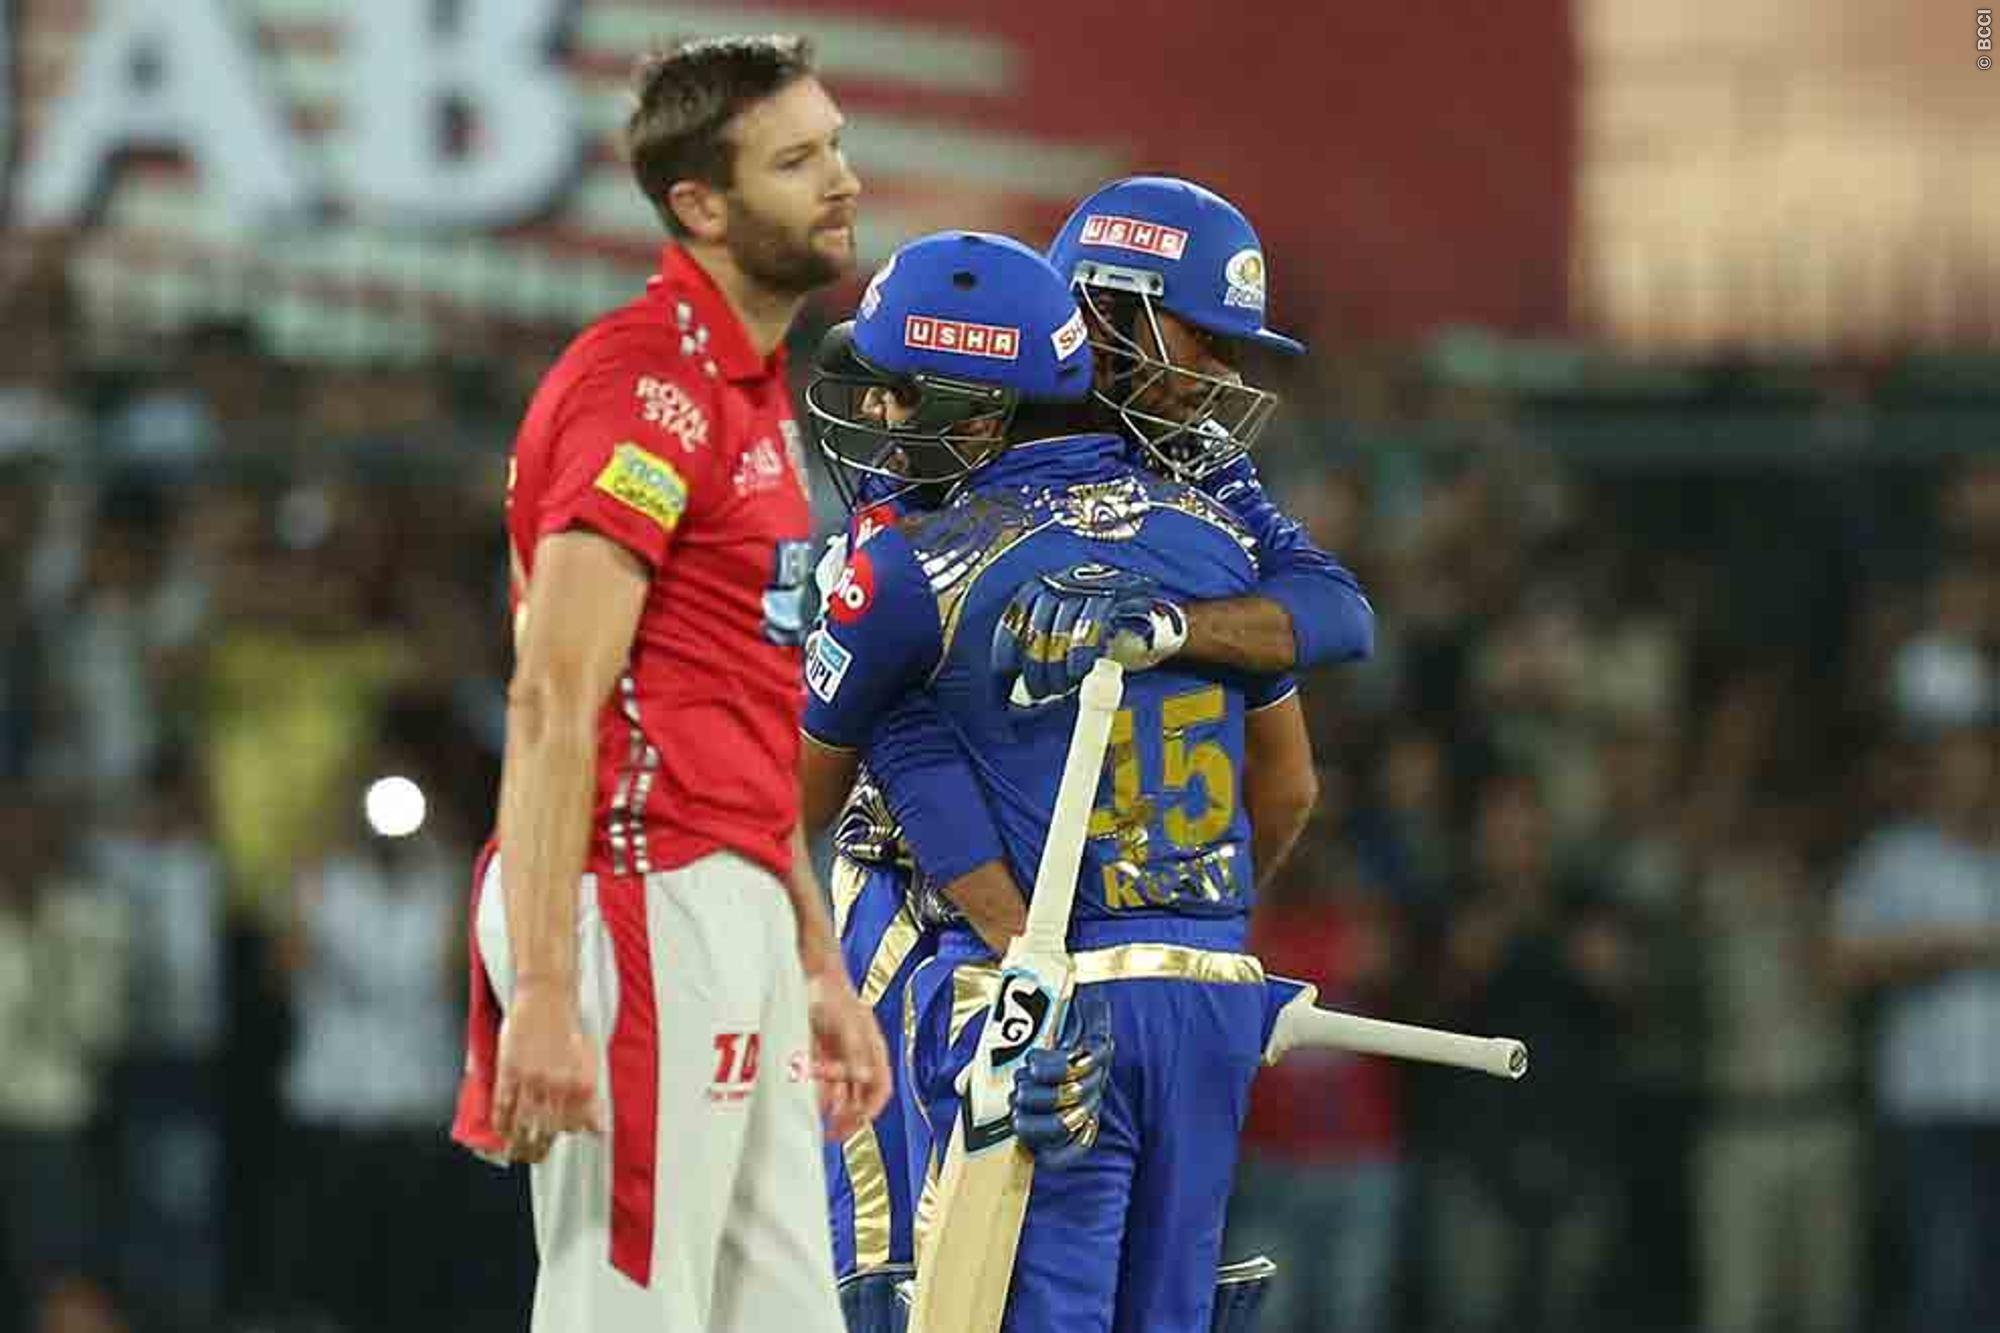 IPL 2018: अश्विन की इस गलती की वजह से पंजाब को करना पड़ा मुंबई के खिलाफ हार का सामना 36